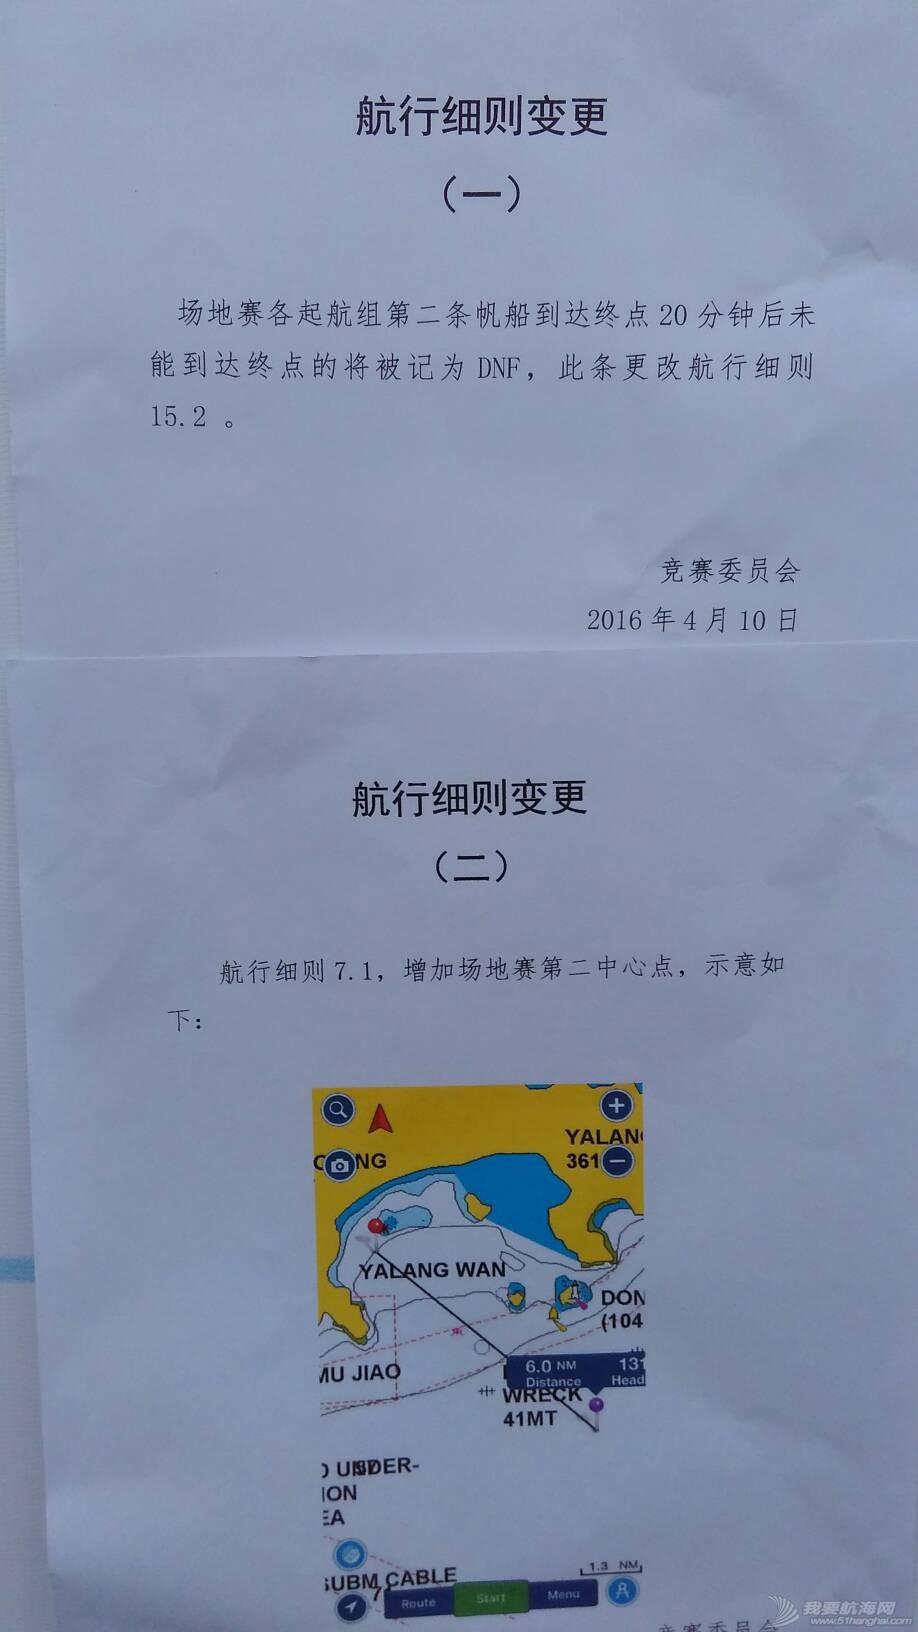 快讯司南 091121dbfdb80v04kiefnt.jpg